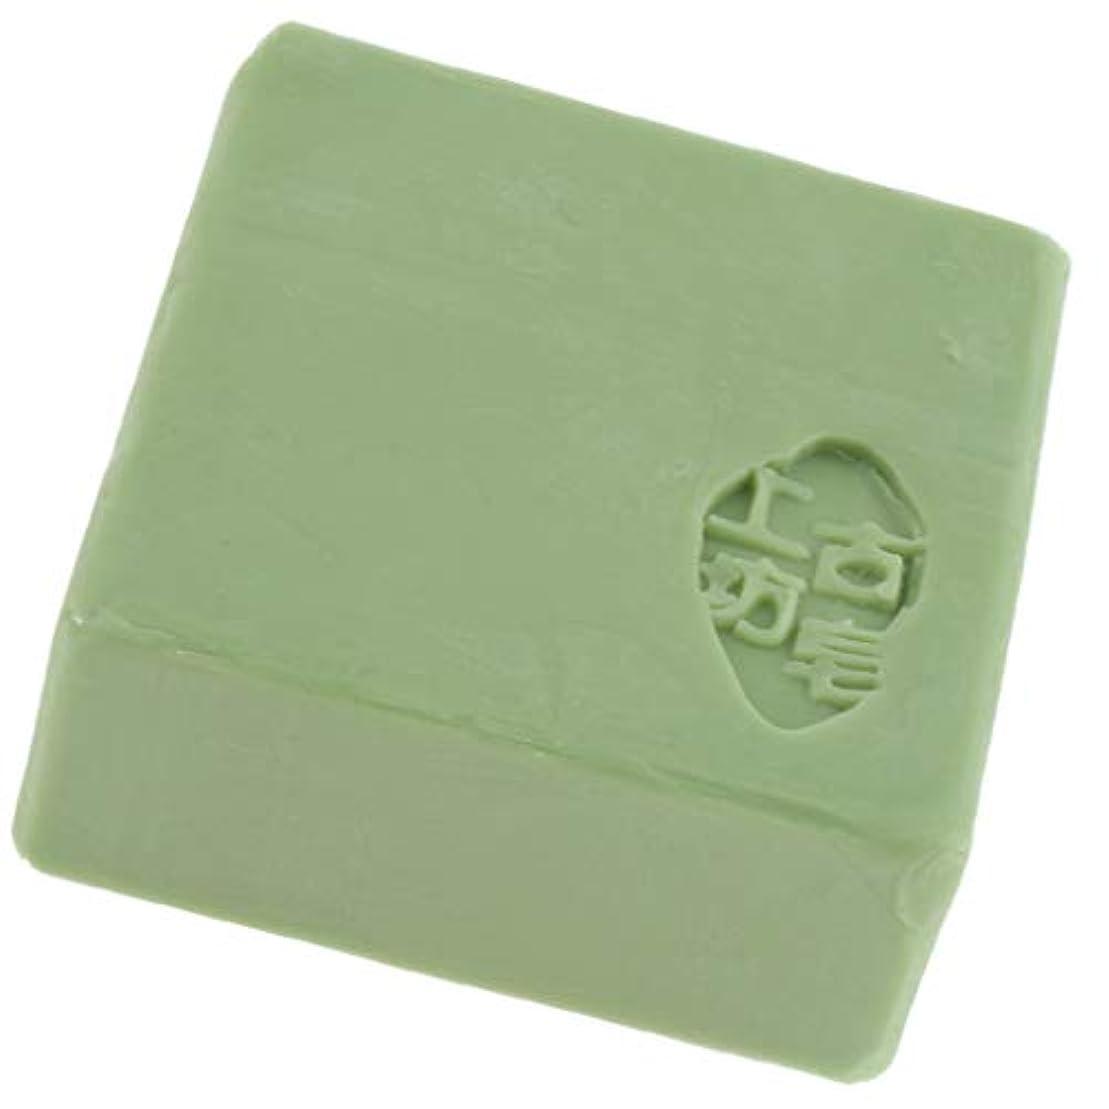 味プランターこするBaoblaze バス スキンケア フェイス ボディソープ 石鹸 保湿 好意 全3色 - 緑